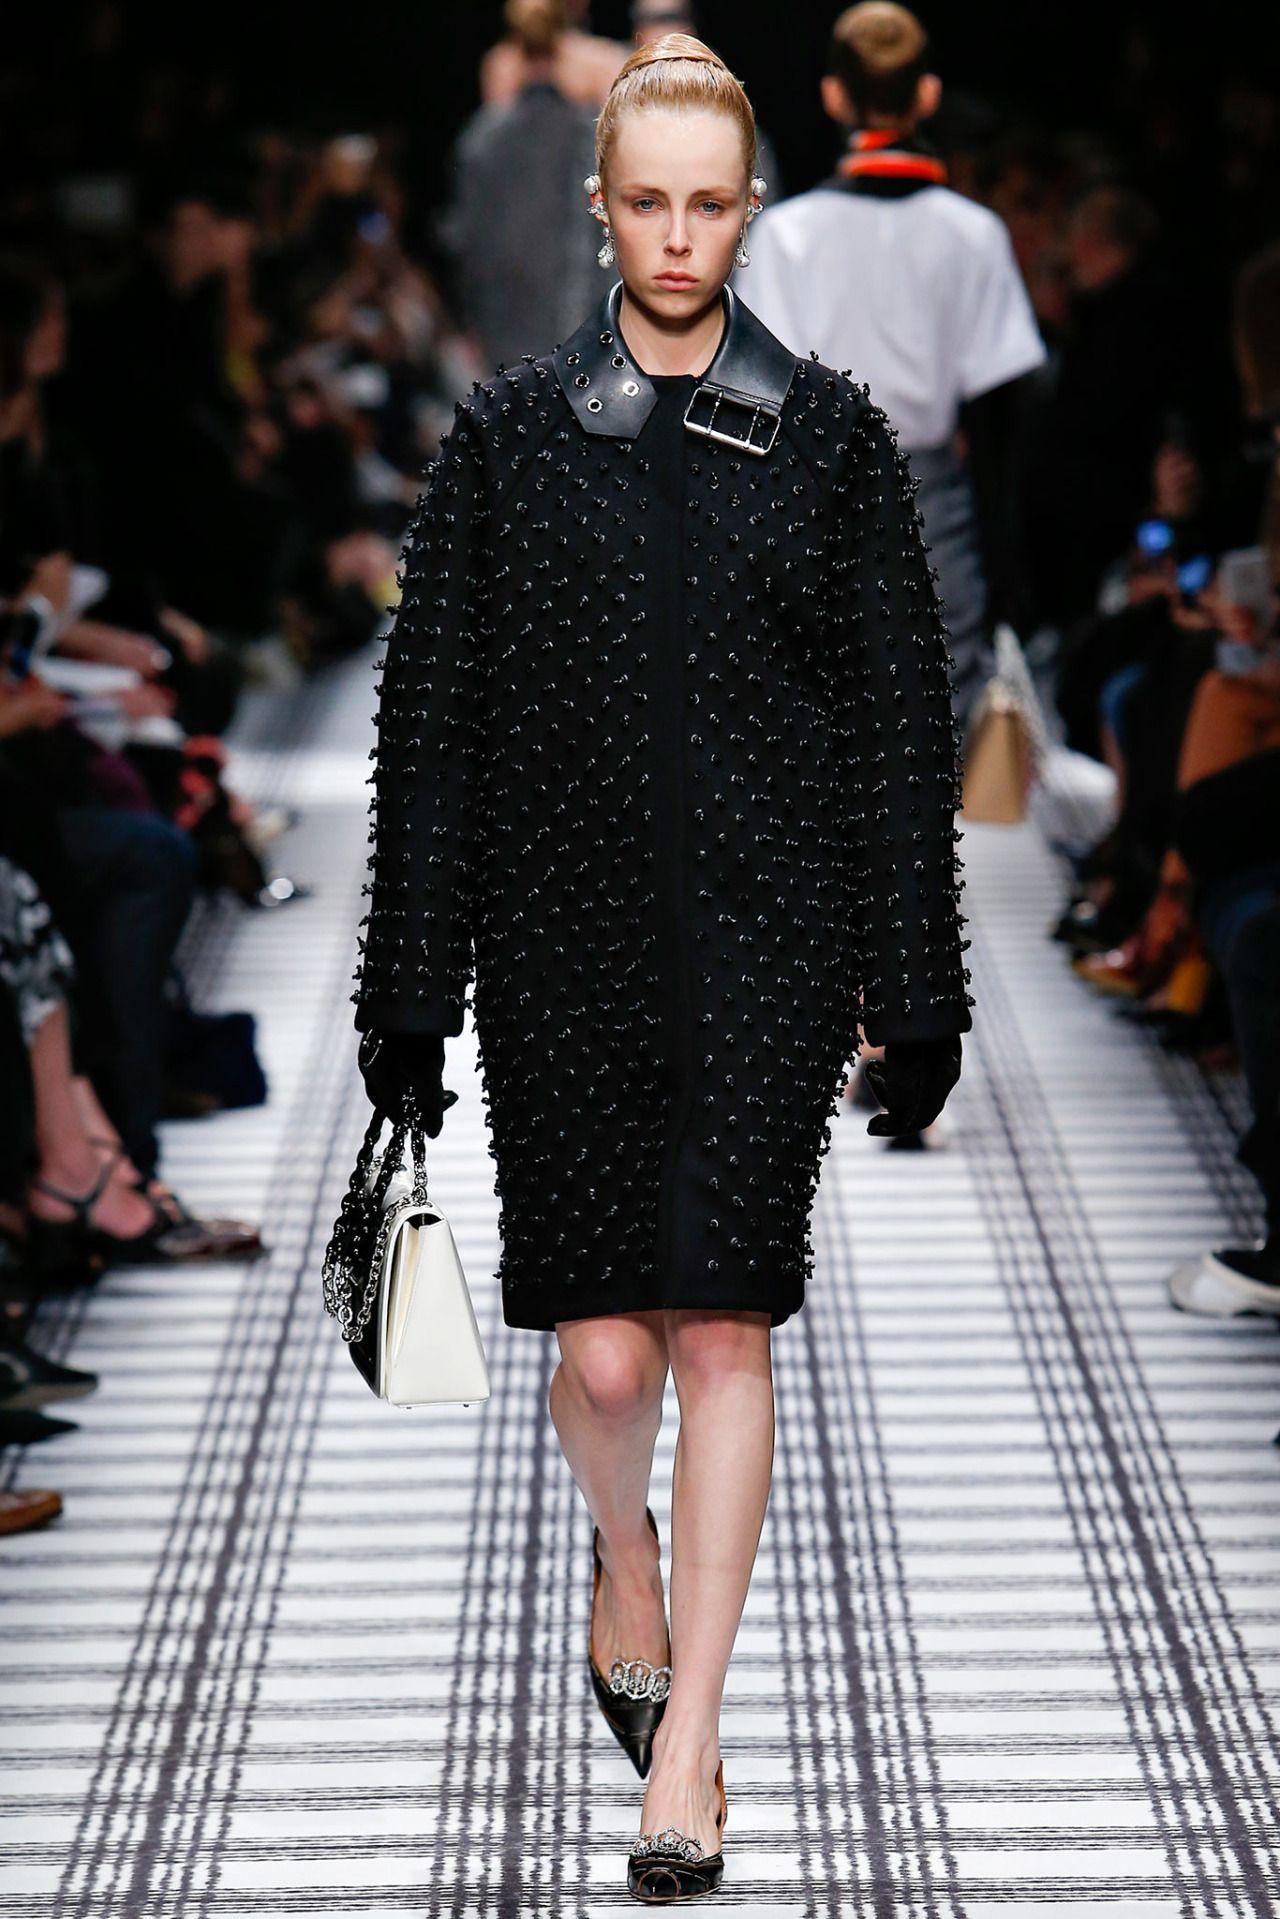 Balenciaga Otoño/Invierno 2015 Semana de la Moda de París ….. Balenciaga Autumn/Winter 2015 Paris Fashion Week